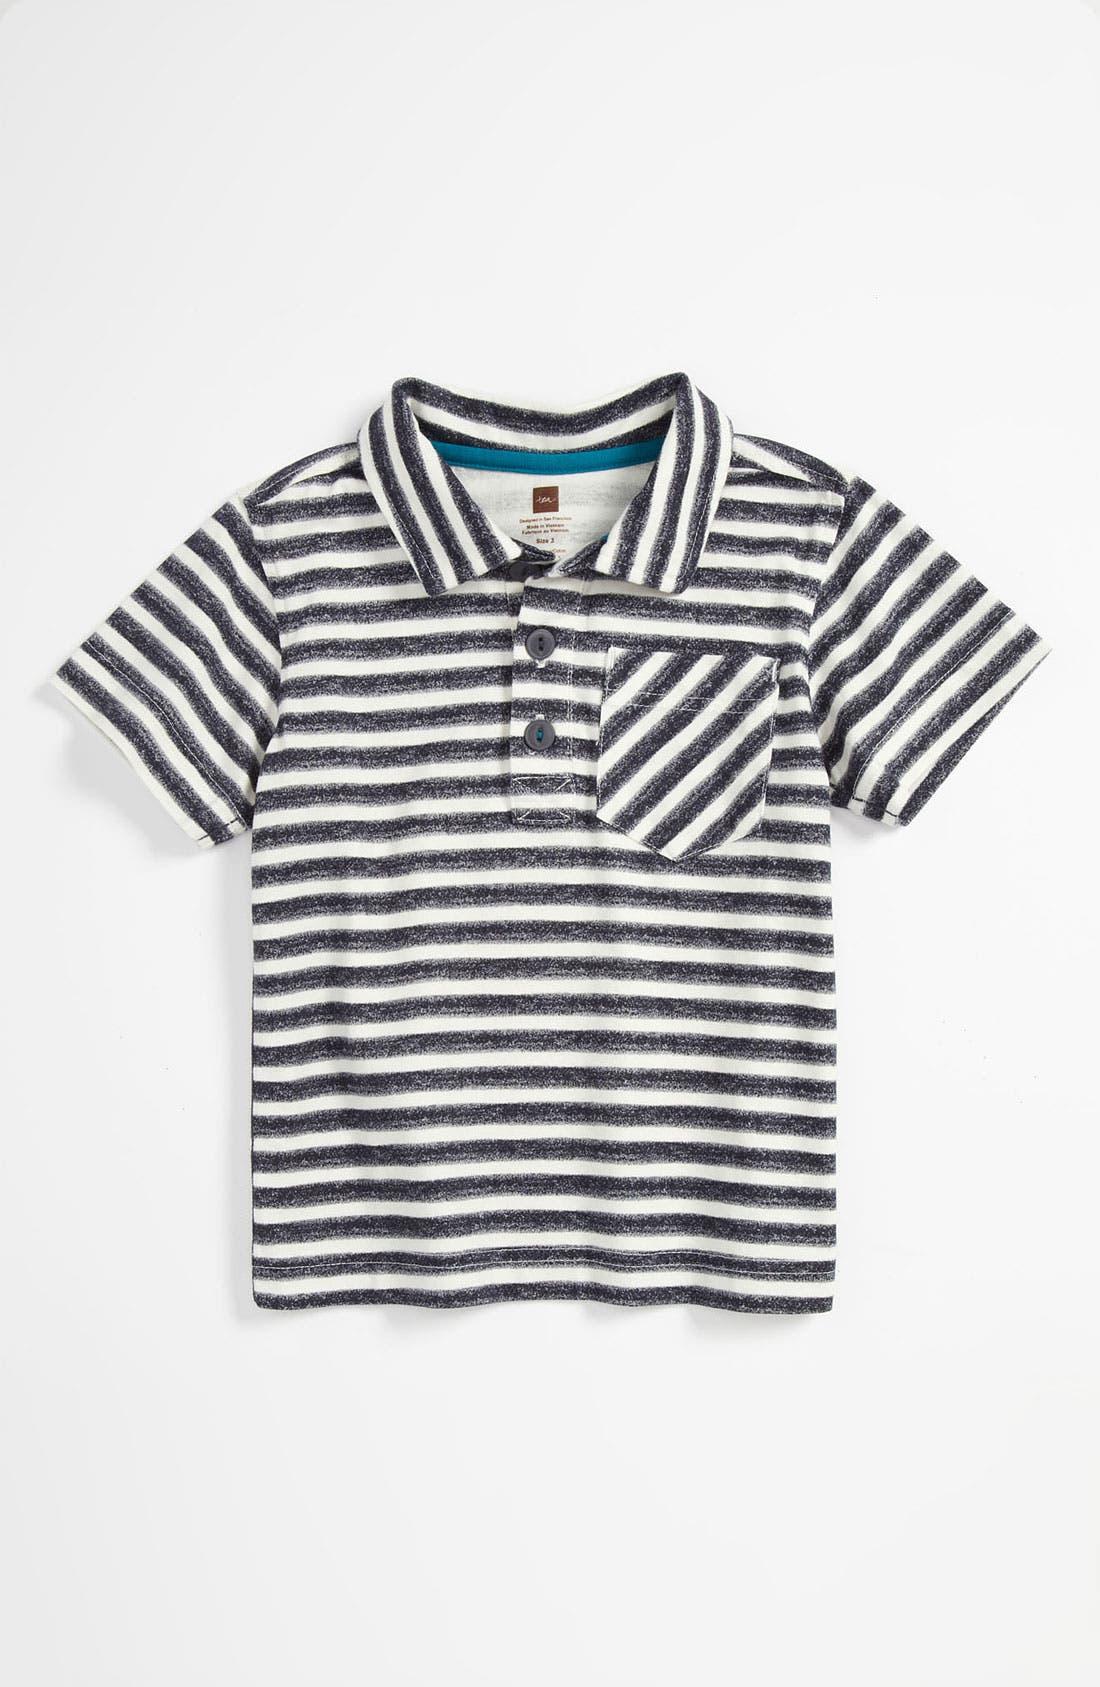 Main Image - Tea Collection 'Zebra Stripe' Polo Shirt (Toddler)